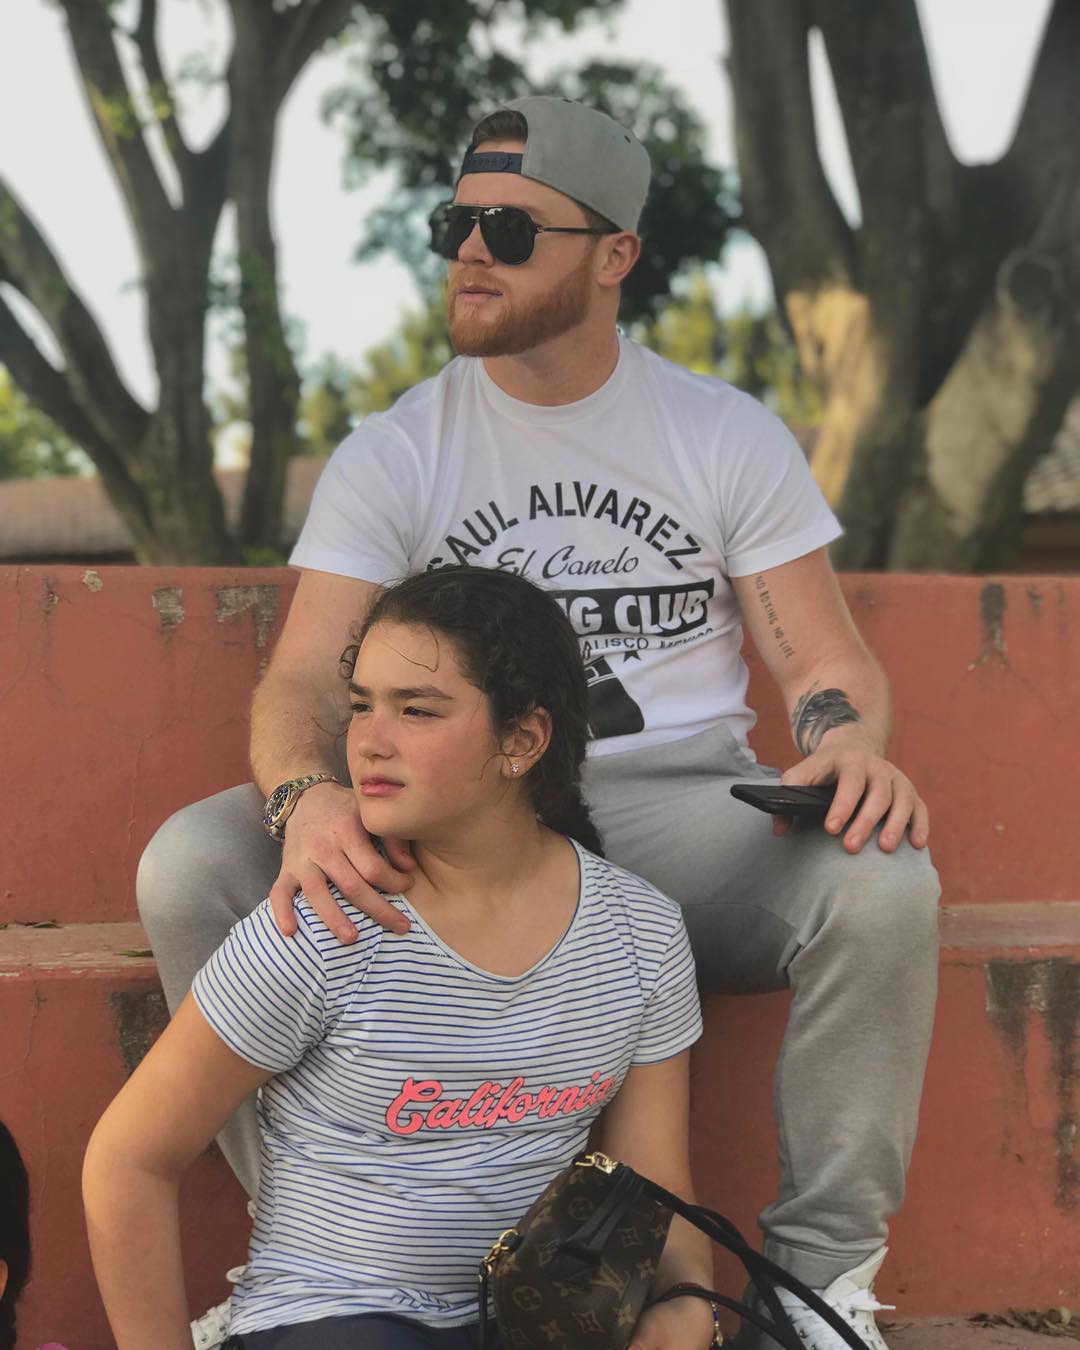 Любимата дъщеря на Алварес